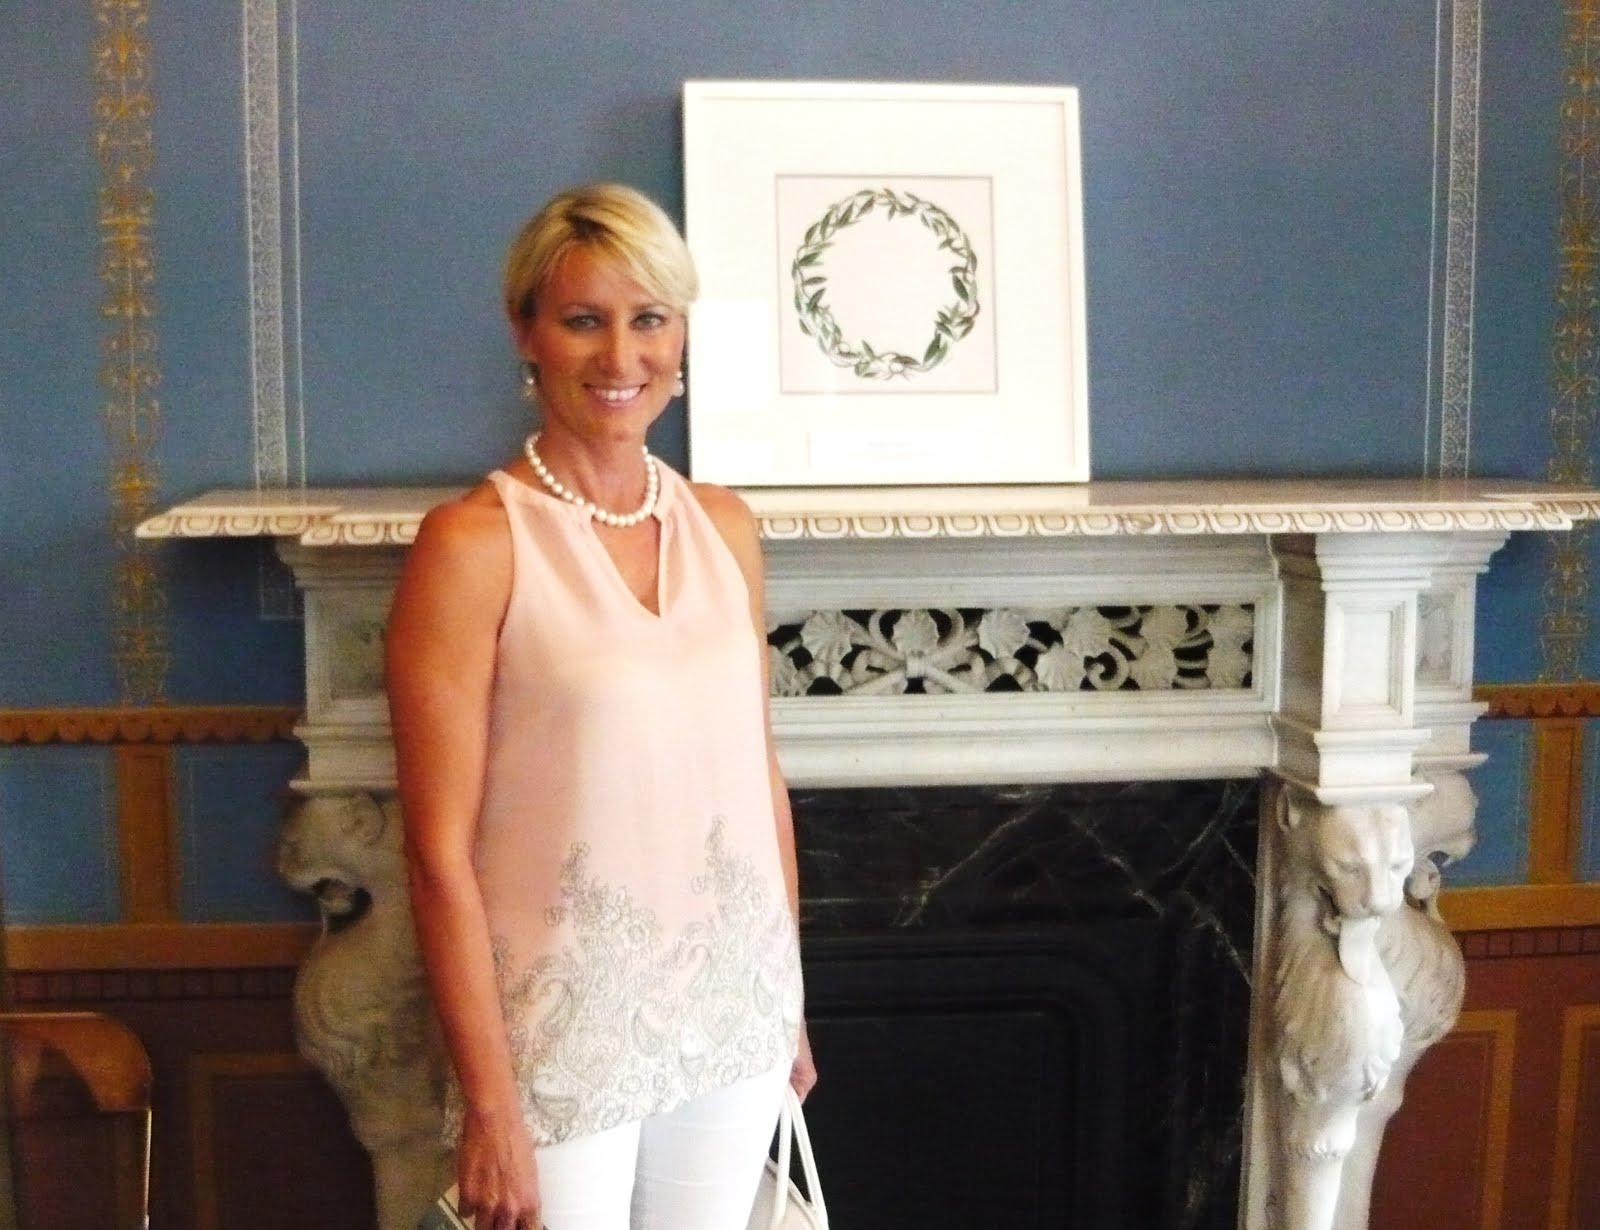 Η Νατάσα Καραμανλή δίπλα σε έργο μου στο Νομισματικό Μουσείο στην έκθεση για την Ολυμπιακή Φλόγα